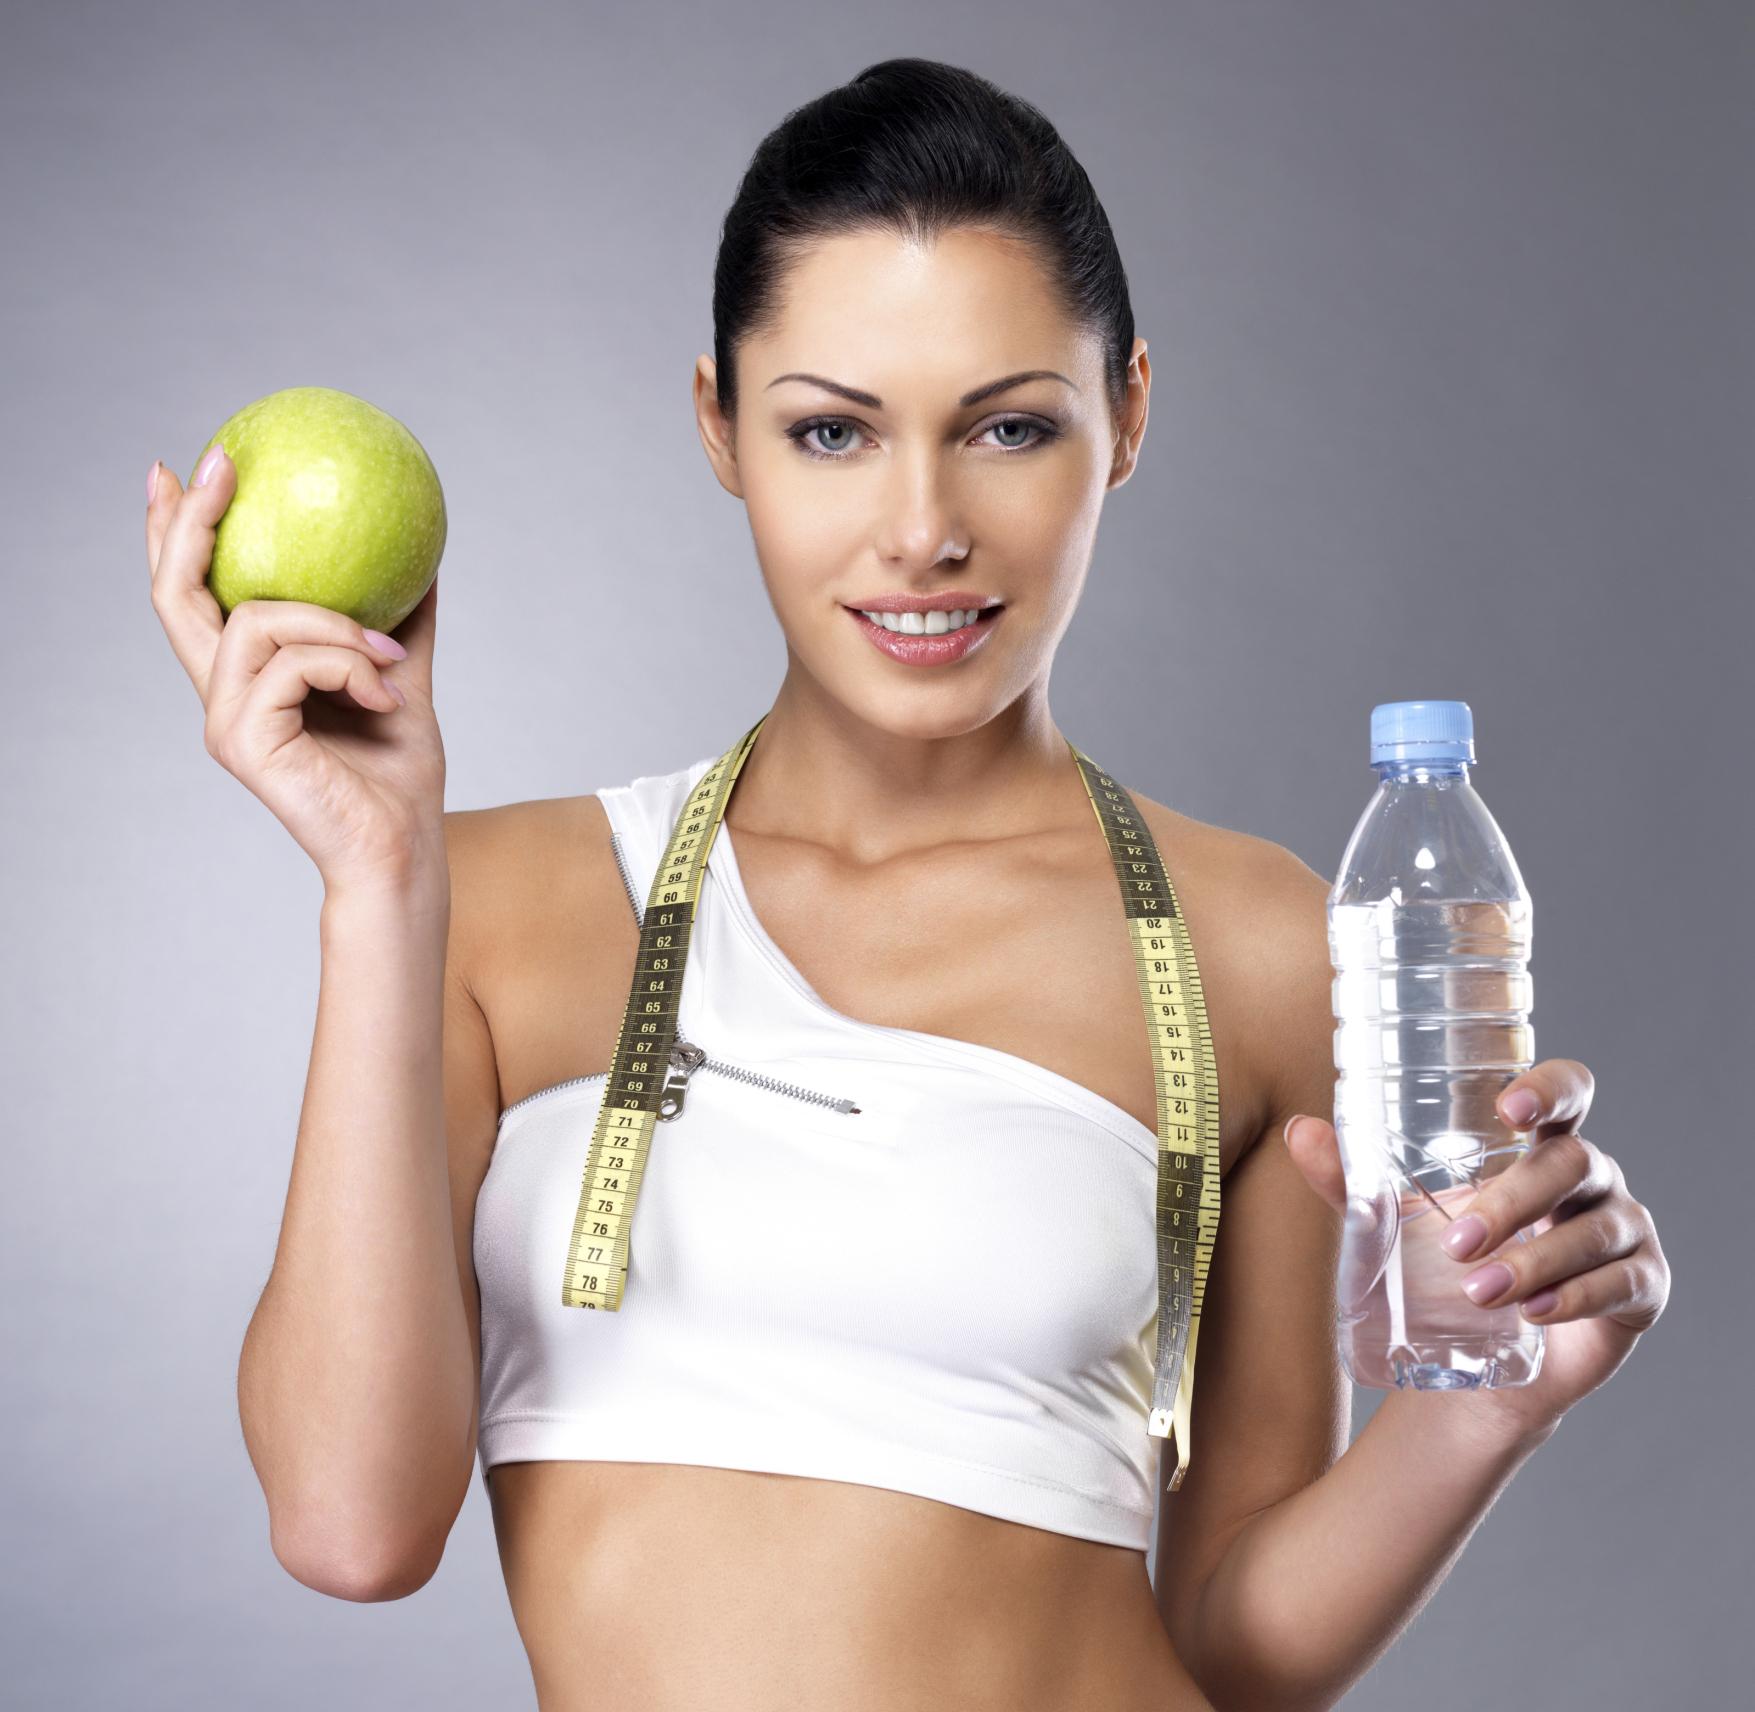 Самая Эффективная Схема Для Похудения. Обзор самых эффективных диет для быстрого похудения в домашних условиях